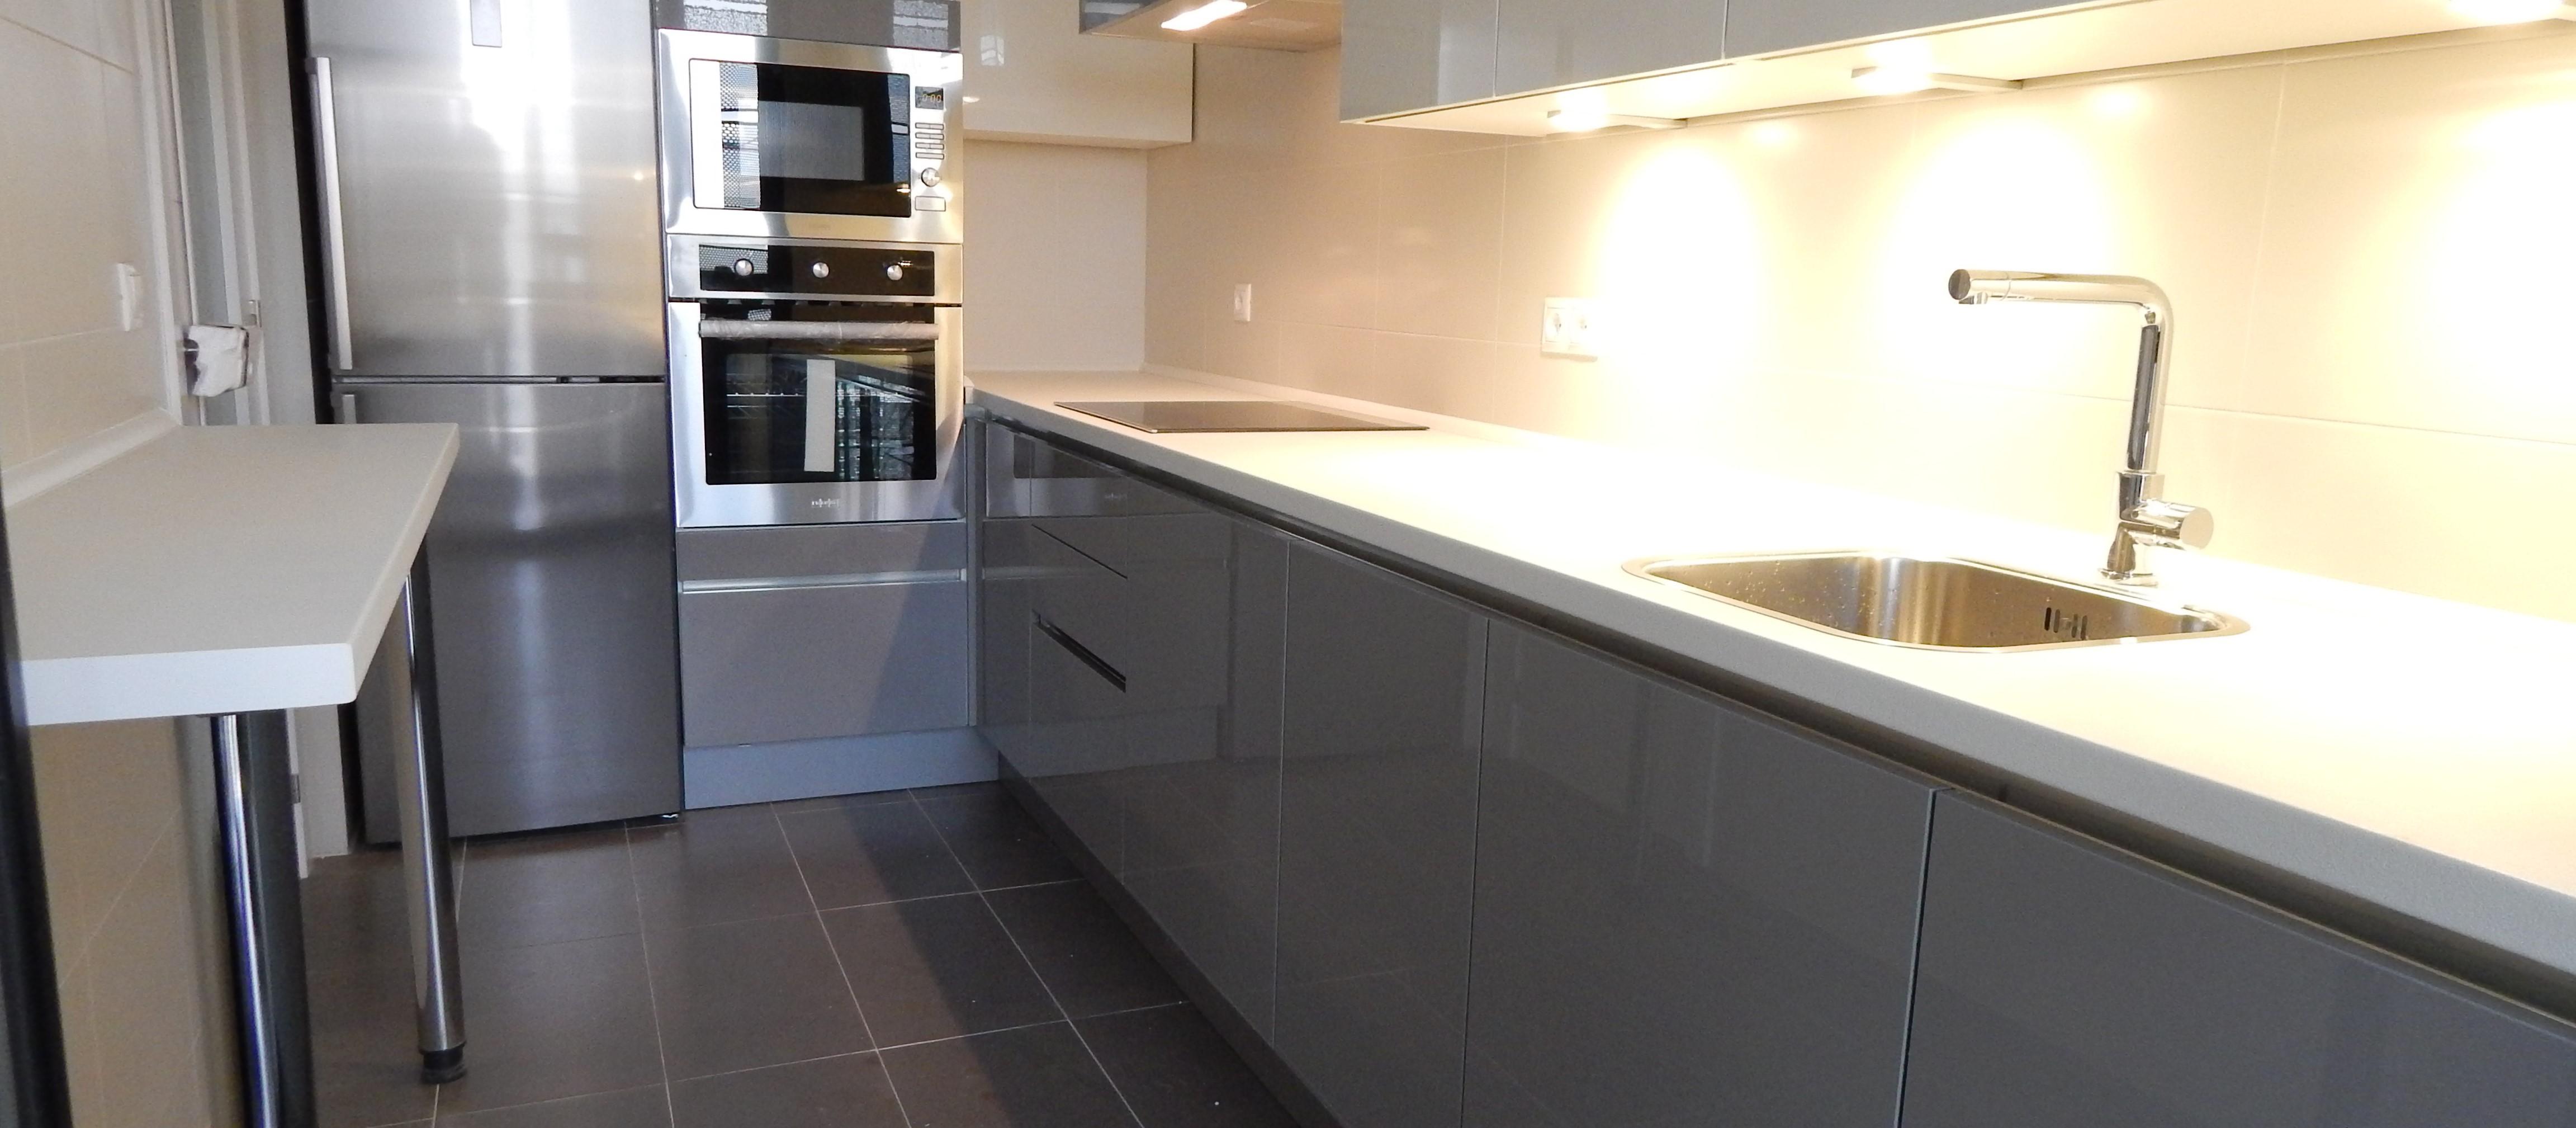 Muebles de cocina gris perla sin tirador  cocinasalemanascom